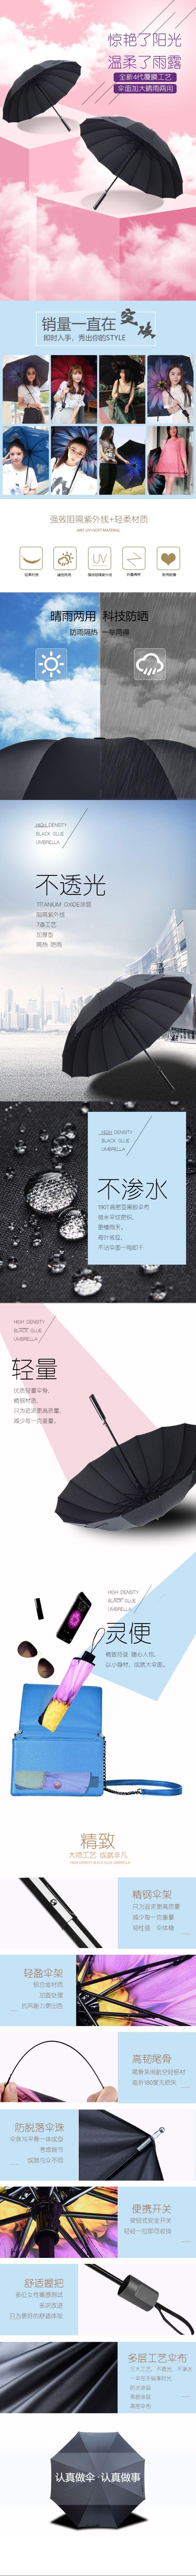 清新简约百货零售家居生活雨伞促销电商详情页